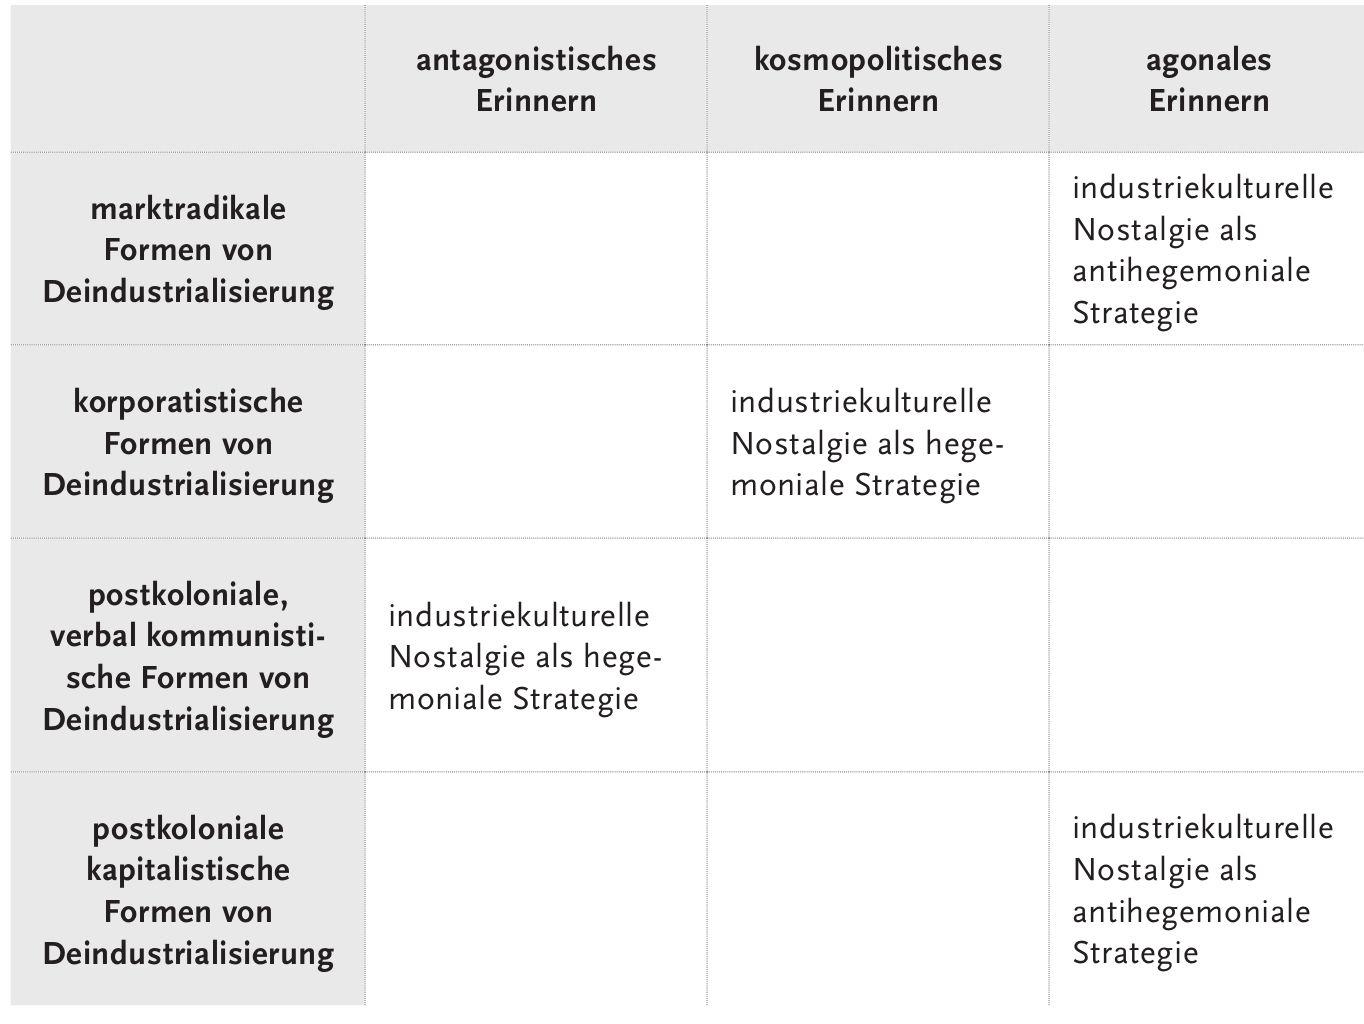 Industriekulturelle Nostalgie in unterschiedlichen Erinnerungsregimen und Formen von Deindustrialisierung